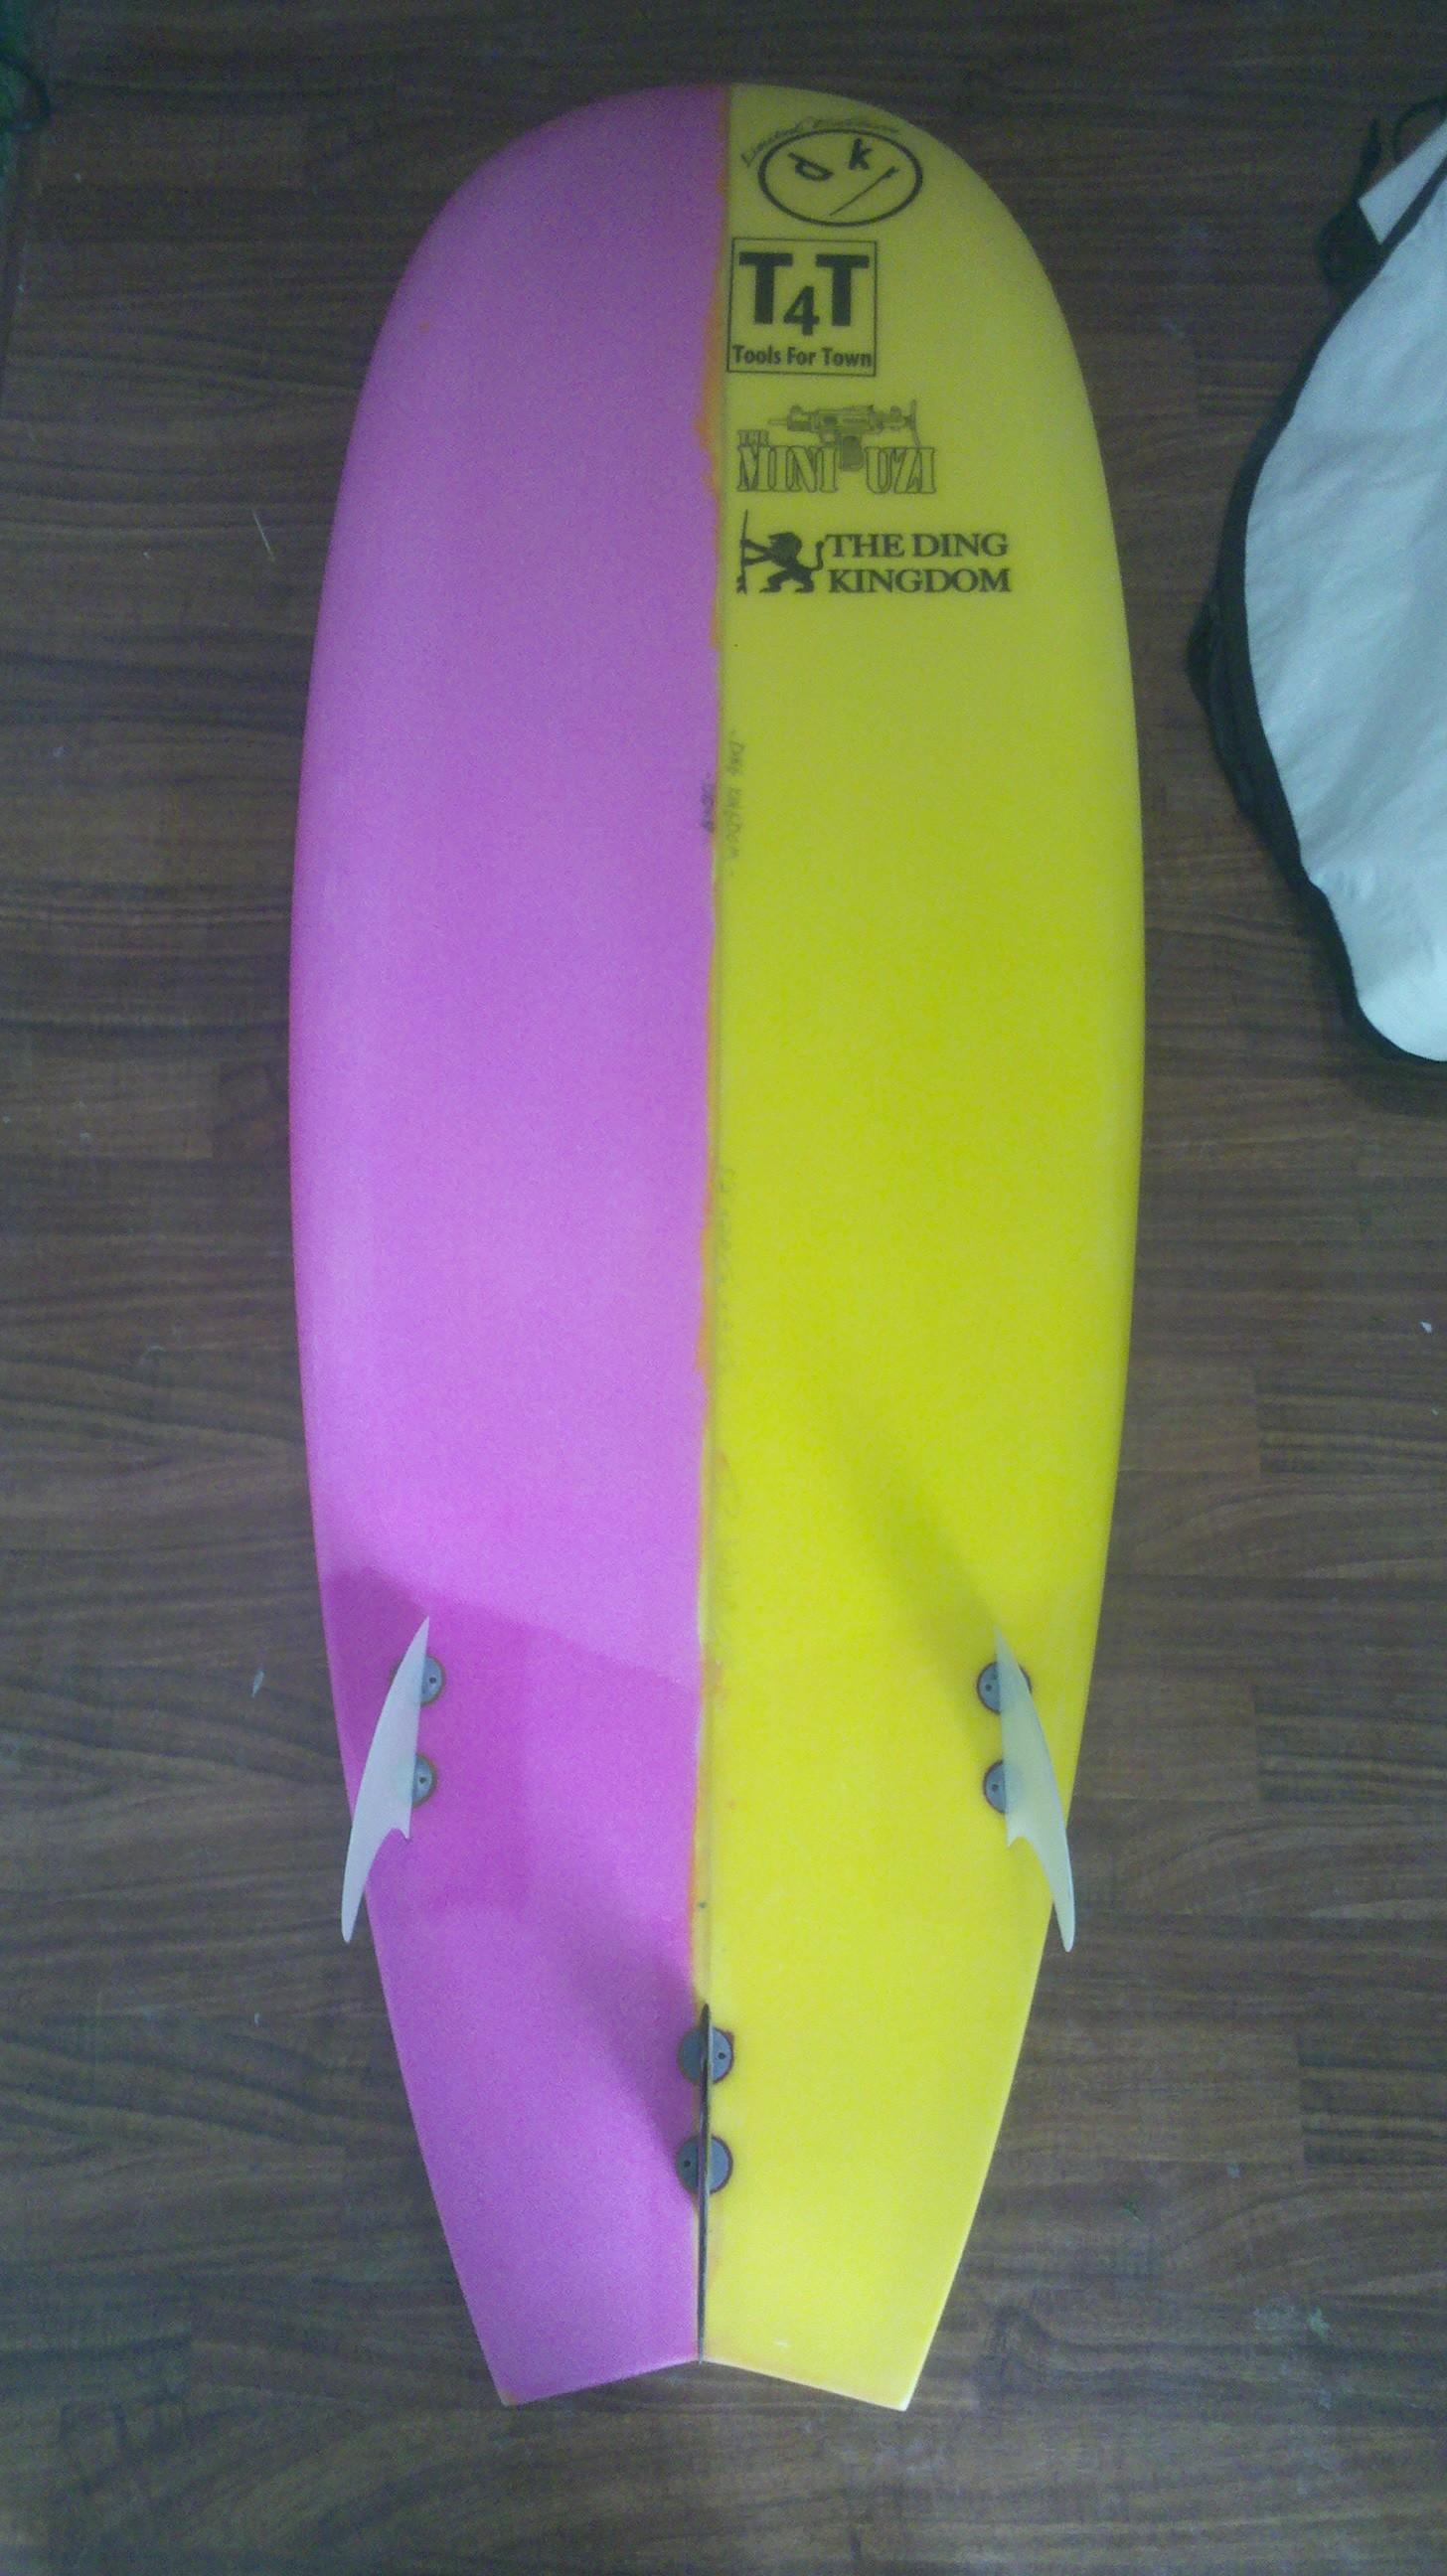 The Ding Kingdom Surfboard Repairs Sales Honolulu Hi